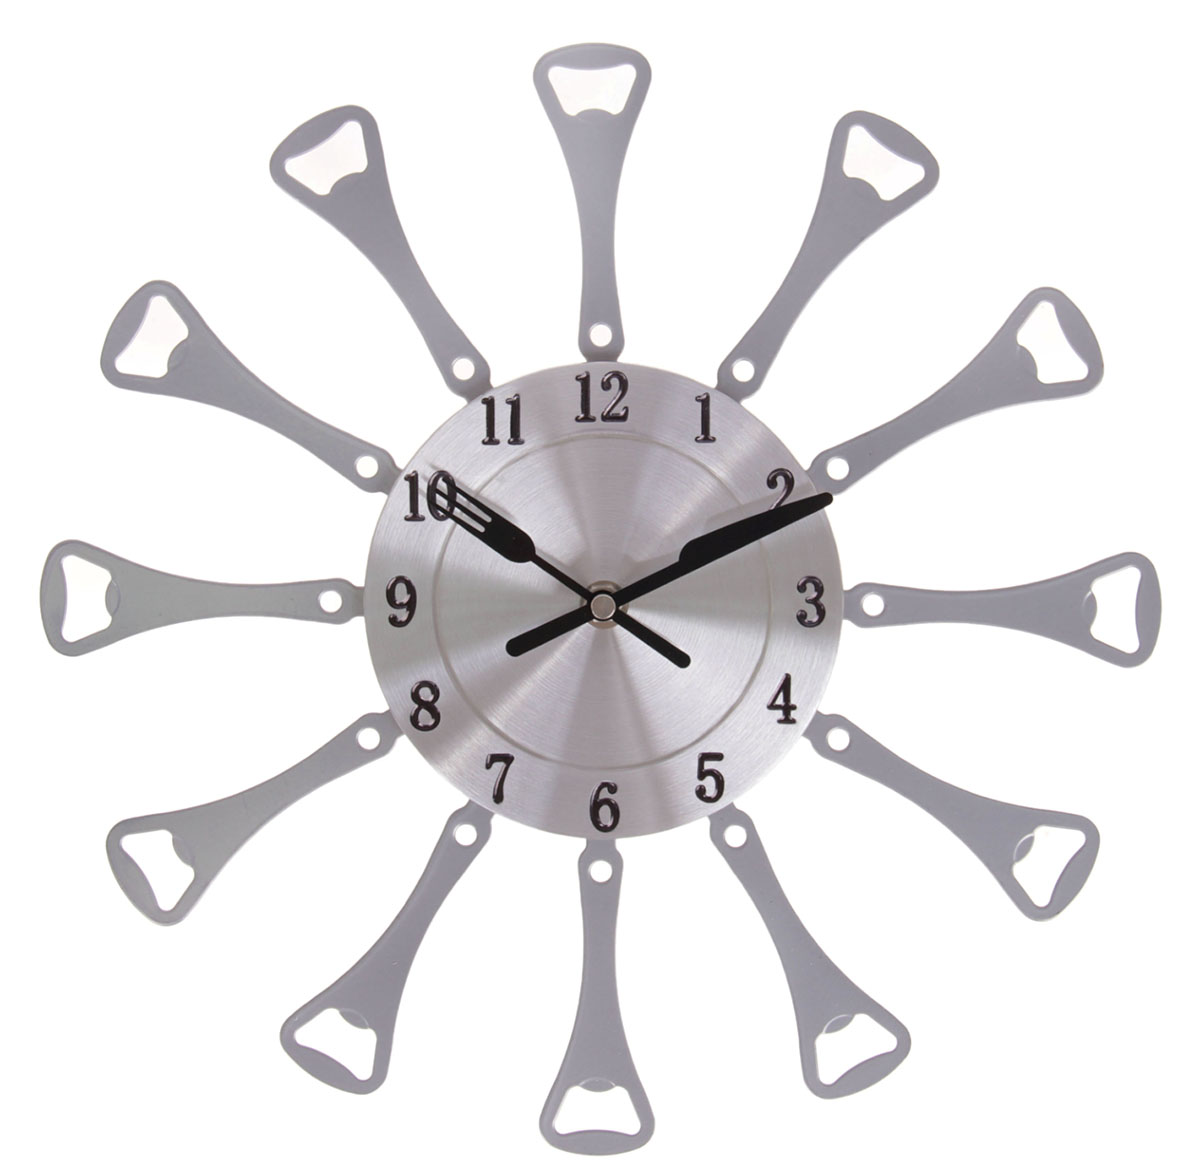 """Каждому хозяину периодически приходит мысль обновить свою квартиру, сделать ремонт, перестановку или кардинально поменять внешний вид каждой комнаты. Часы настенные кухонные """"Открывалки"""", d=32 см, хром — привлекательная деталь, которая поможет воплотить вашу интерьерную идею, создать неповторимую атмосферу в вашем доме. Окружите себя приятными мелочами, пусть они радуют глаз и дарят гармонию.Часы настенные Столовые приборы, открывалки хром d=32см 837909"""